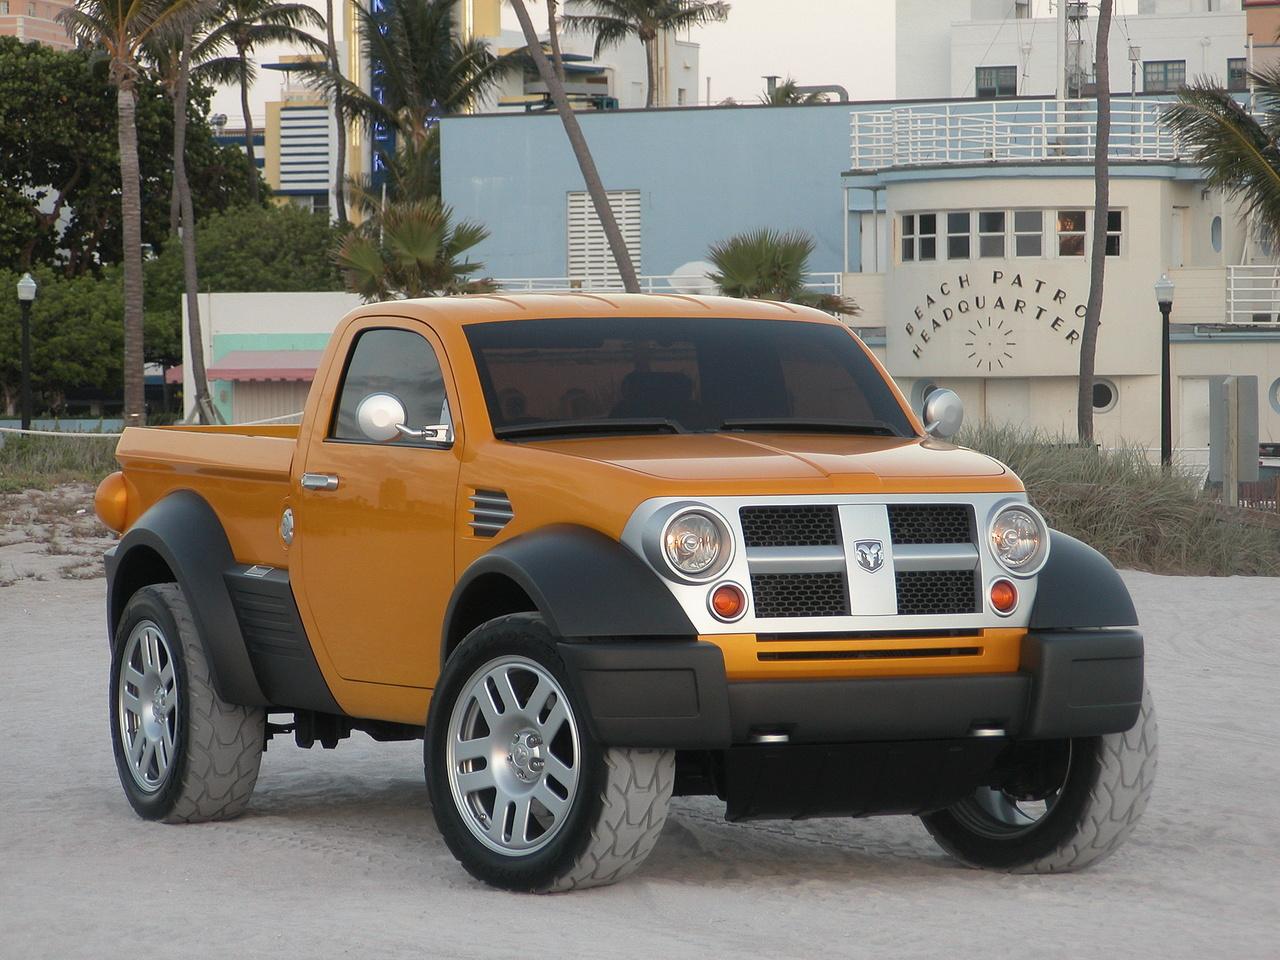 2002 Dodge M80 - Concepts